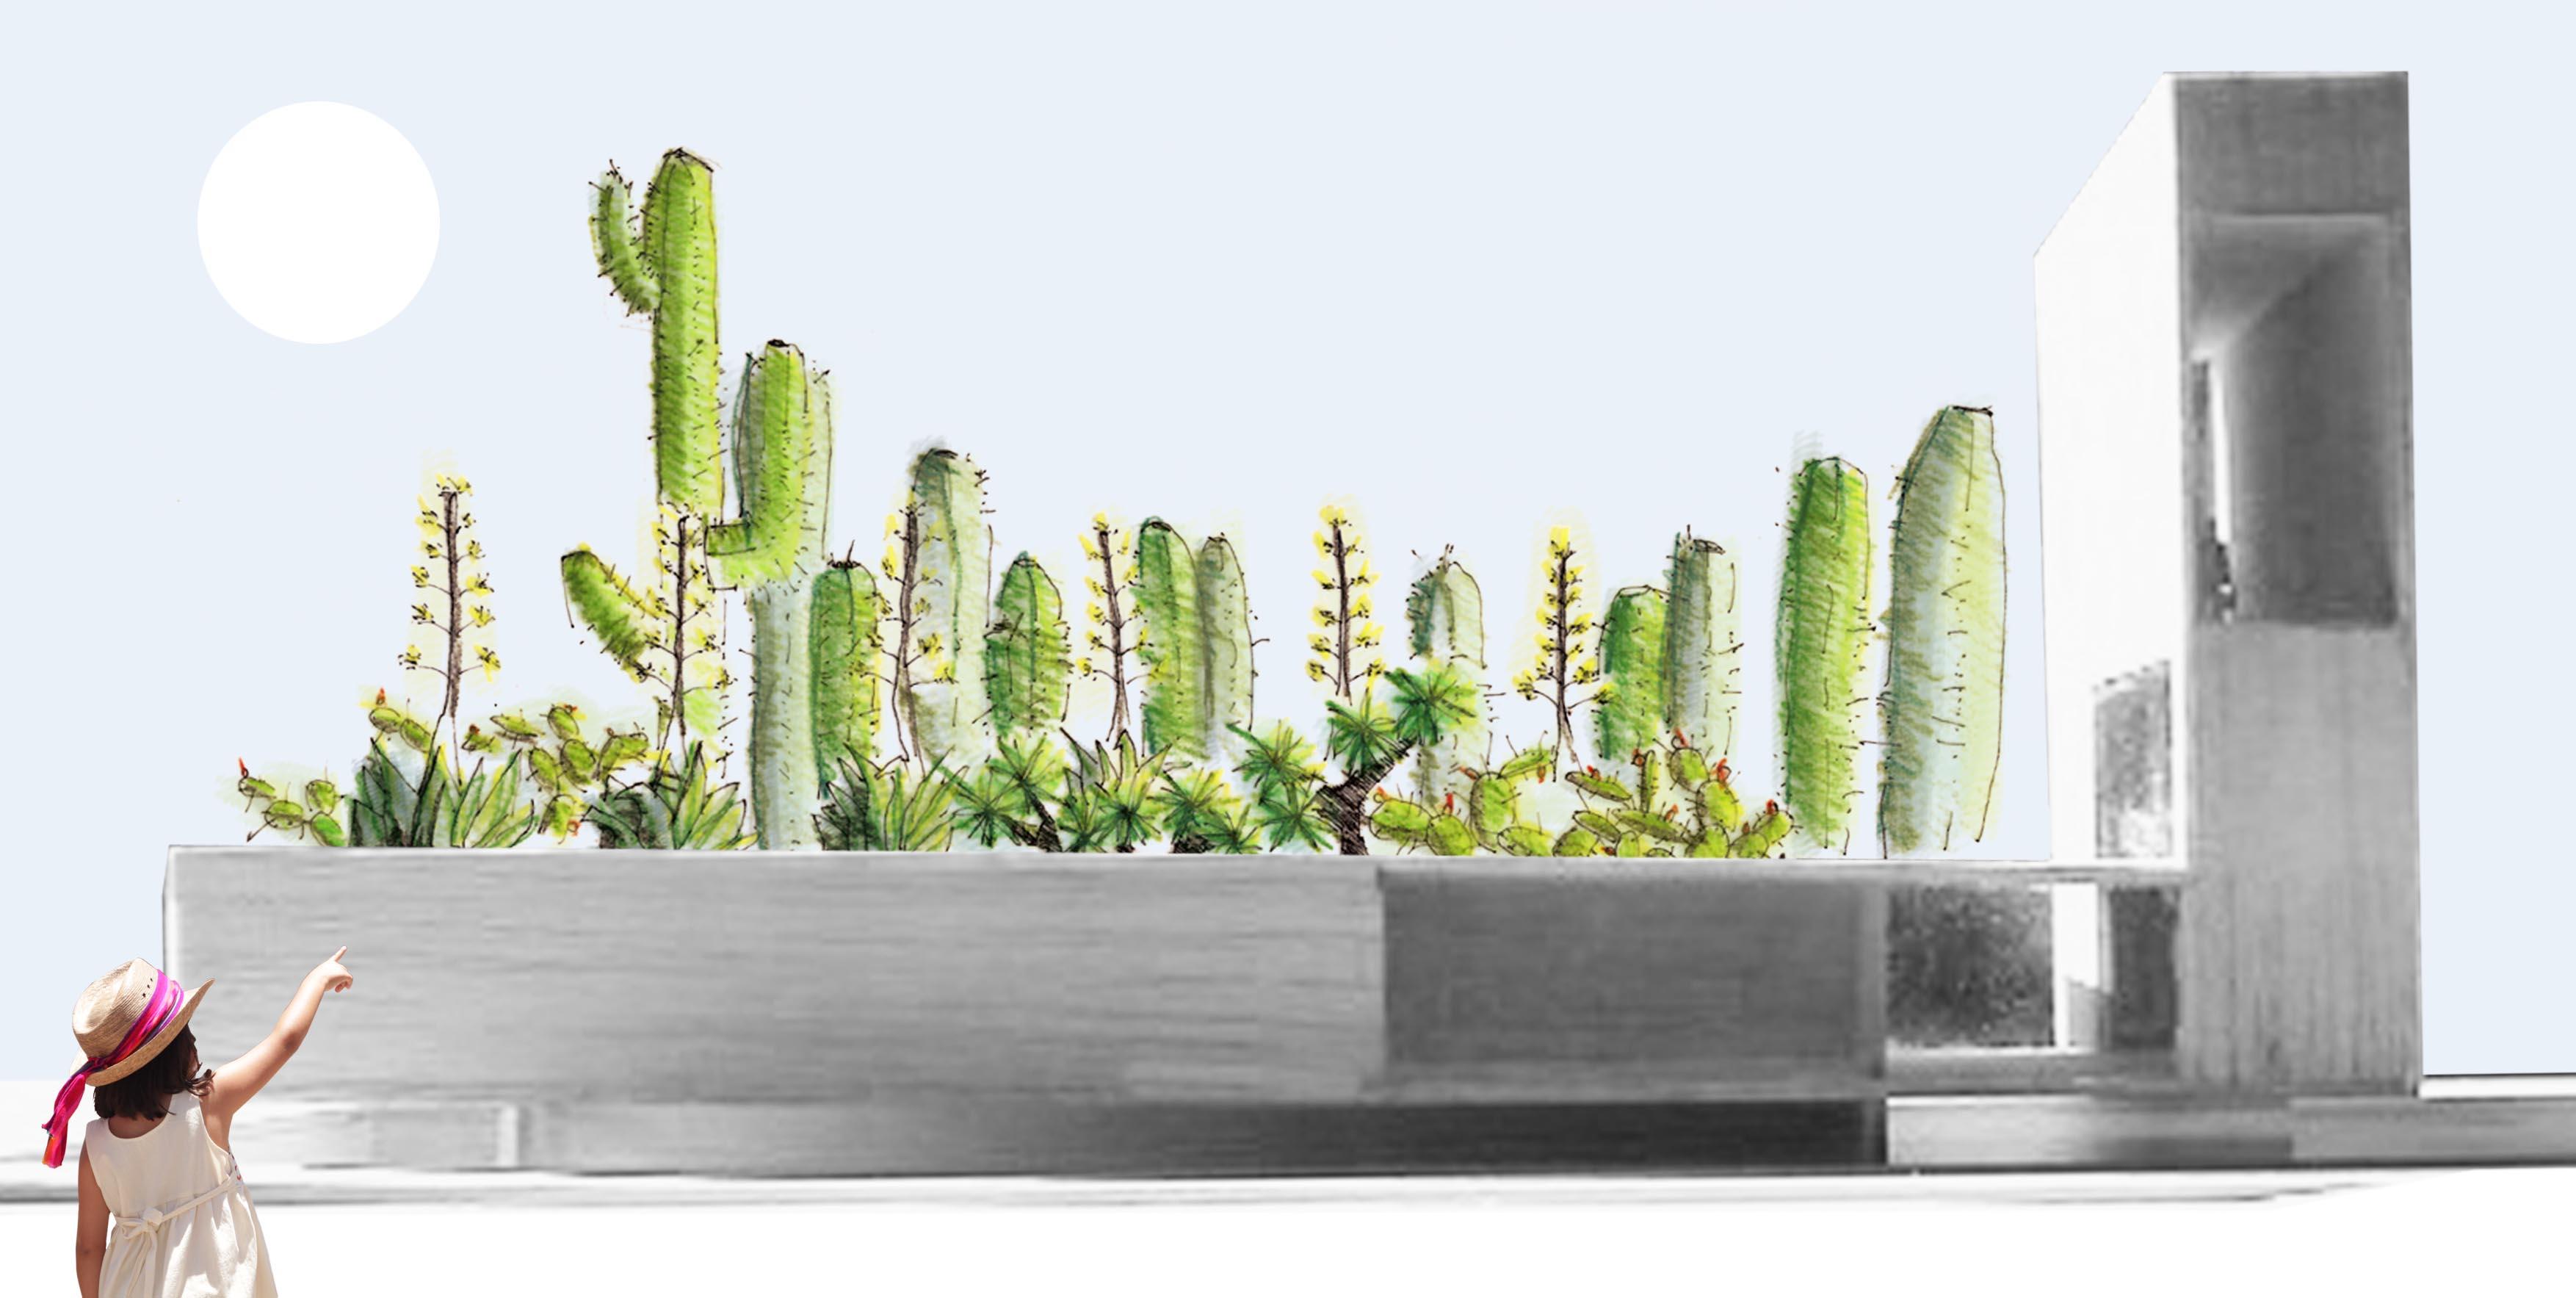 Proyecto de jardines - Jardín Xerófito